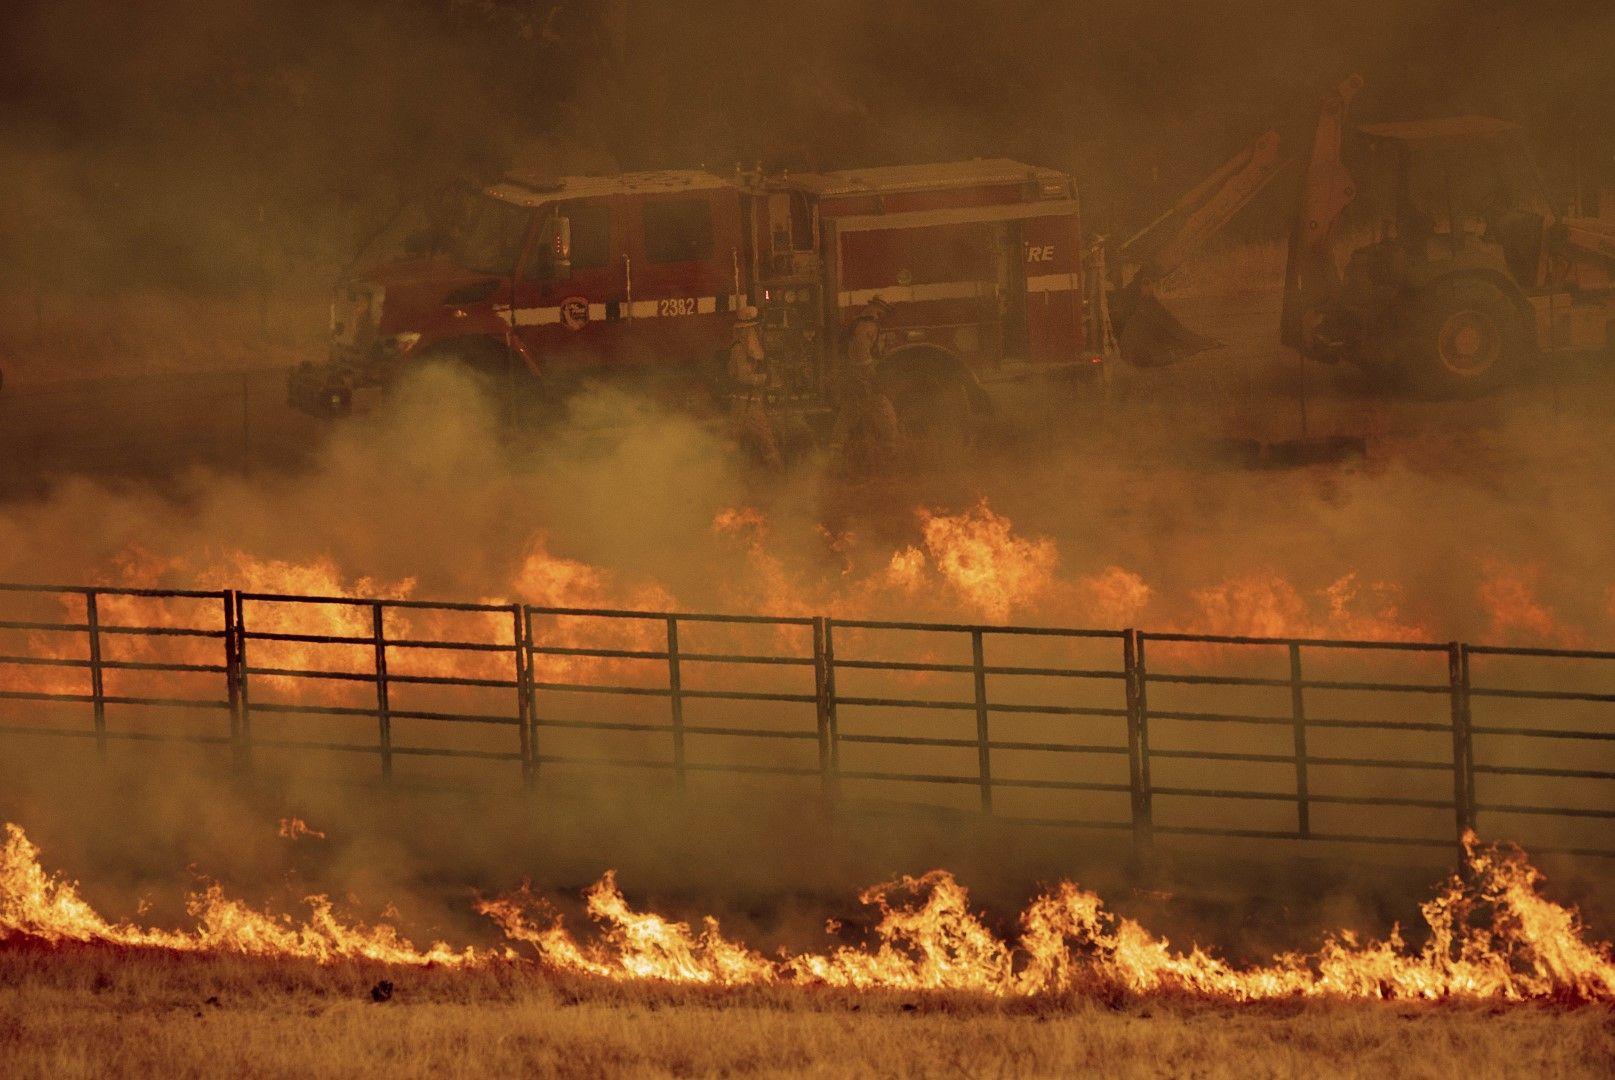 Пламъците се разгарят допълнително от променливия вятър и жегата  Прочети още на: https://www.bgonair.bg/world/2018-06-25/kaliforniya-v-plamatsi-hilyadi-evakuirani